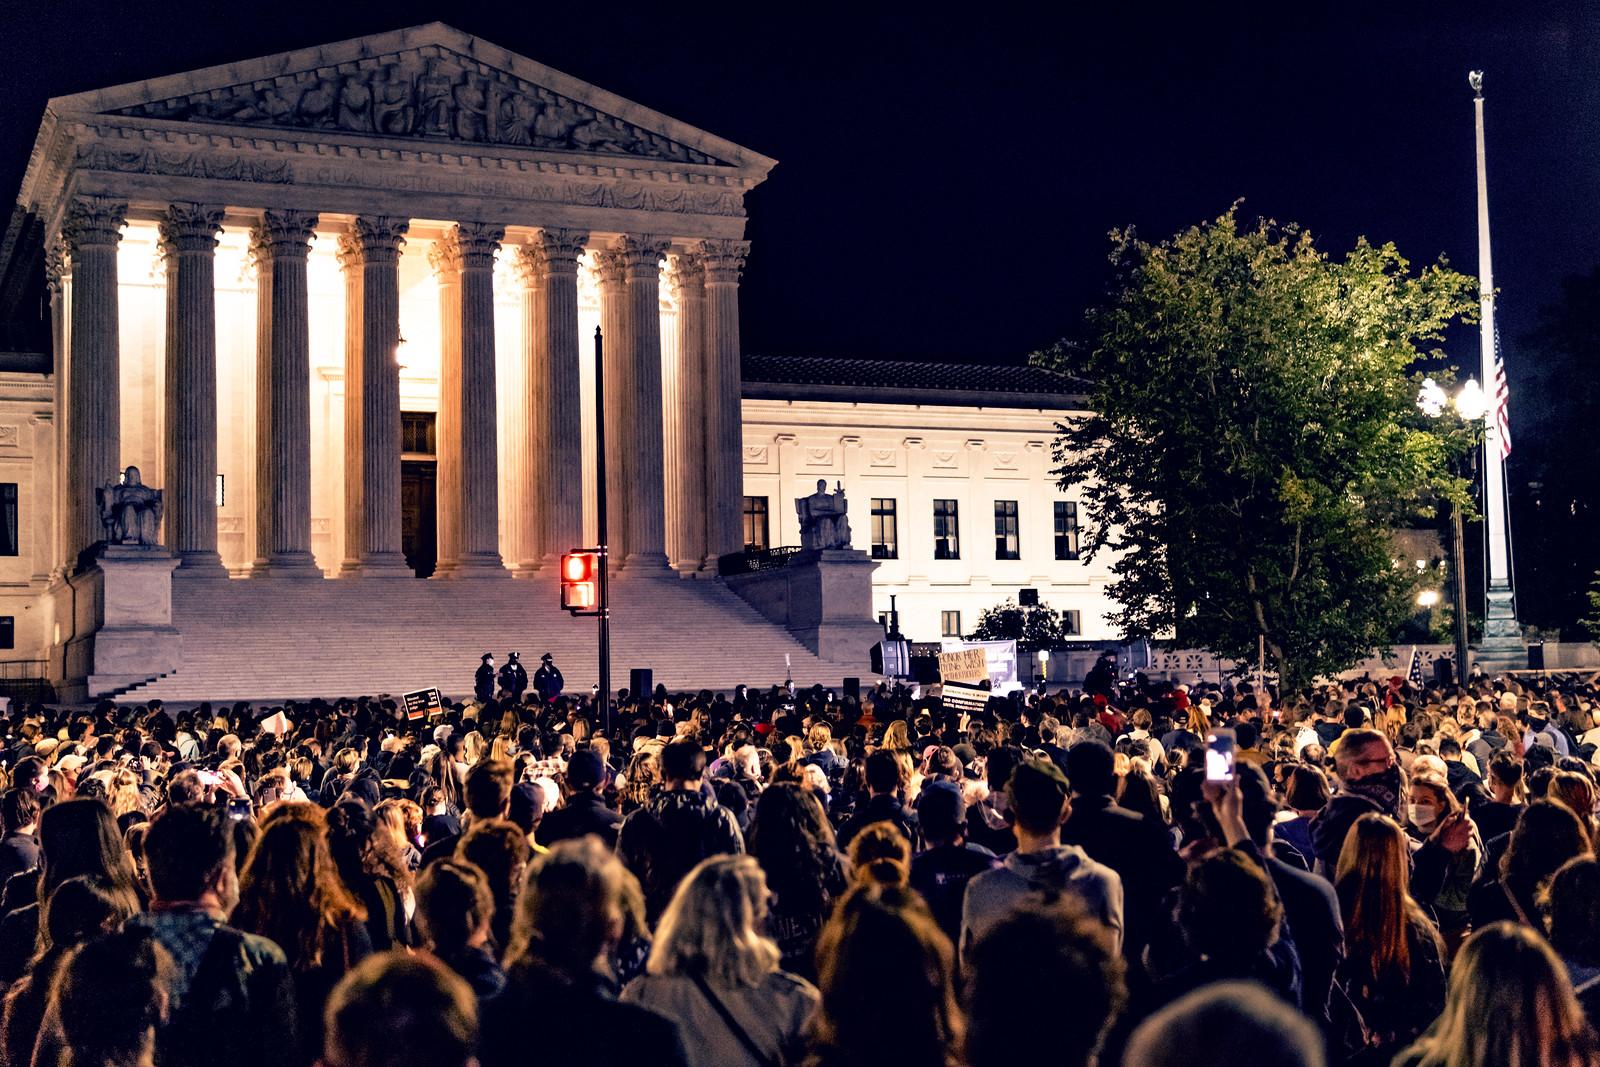 2020.09.19 Vigil for Ruth Bader Ginsburg, Washington, DC USA 263 96275